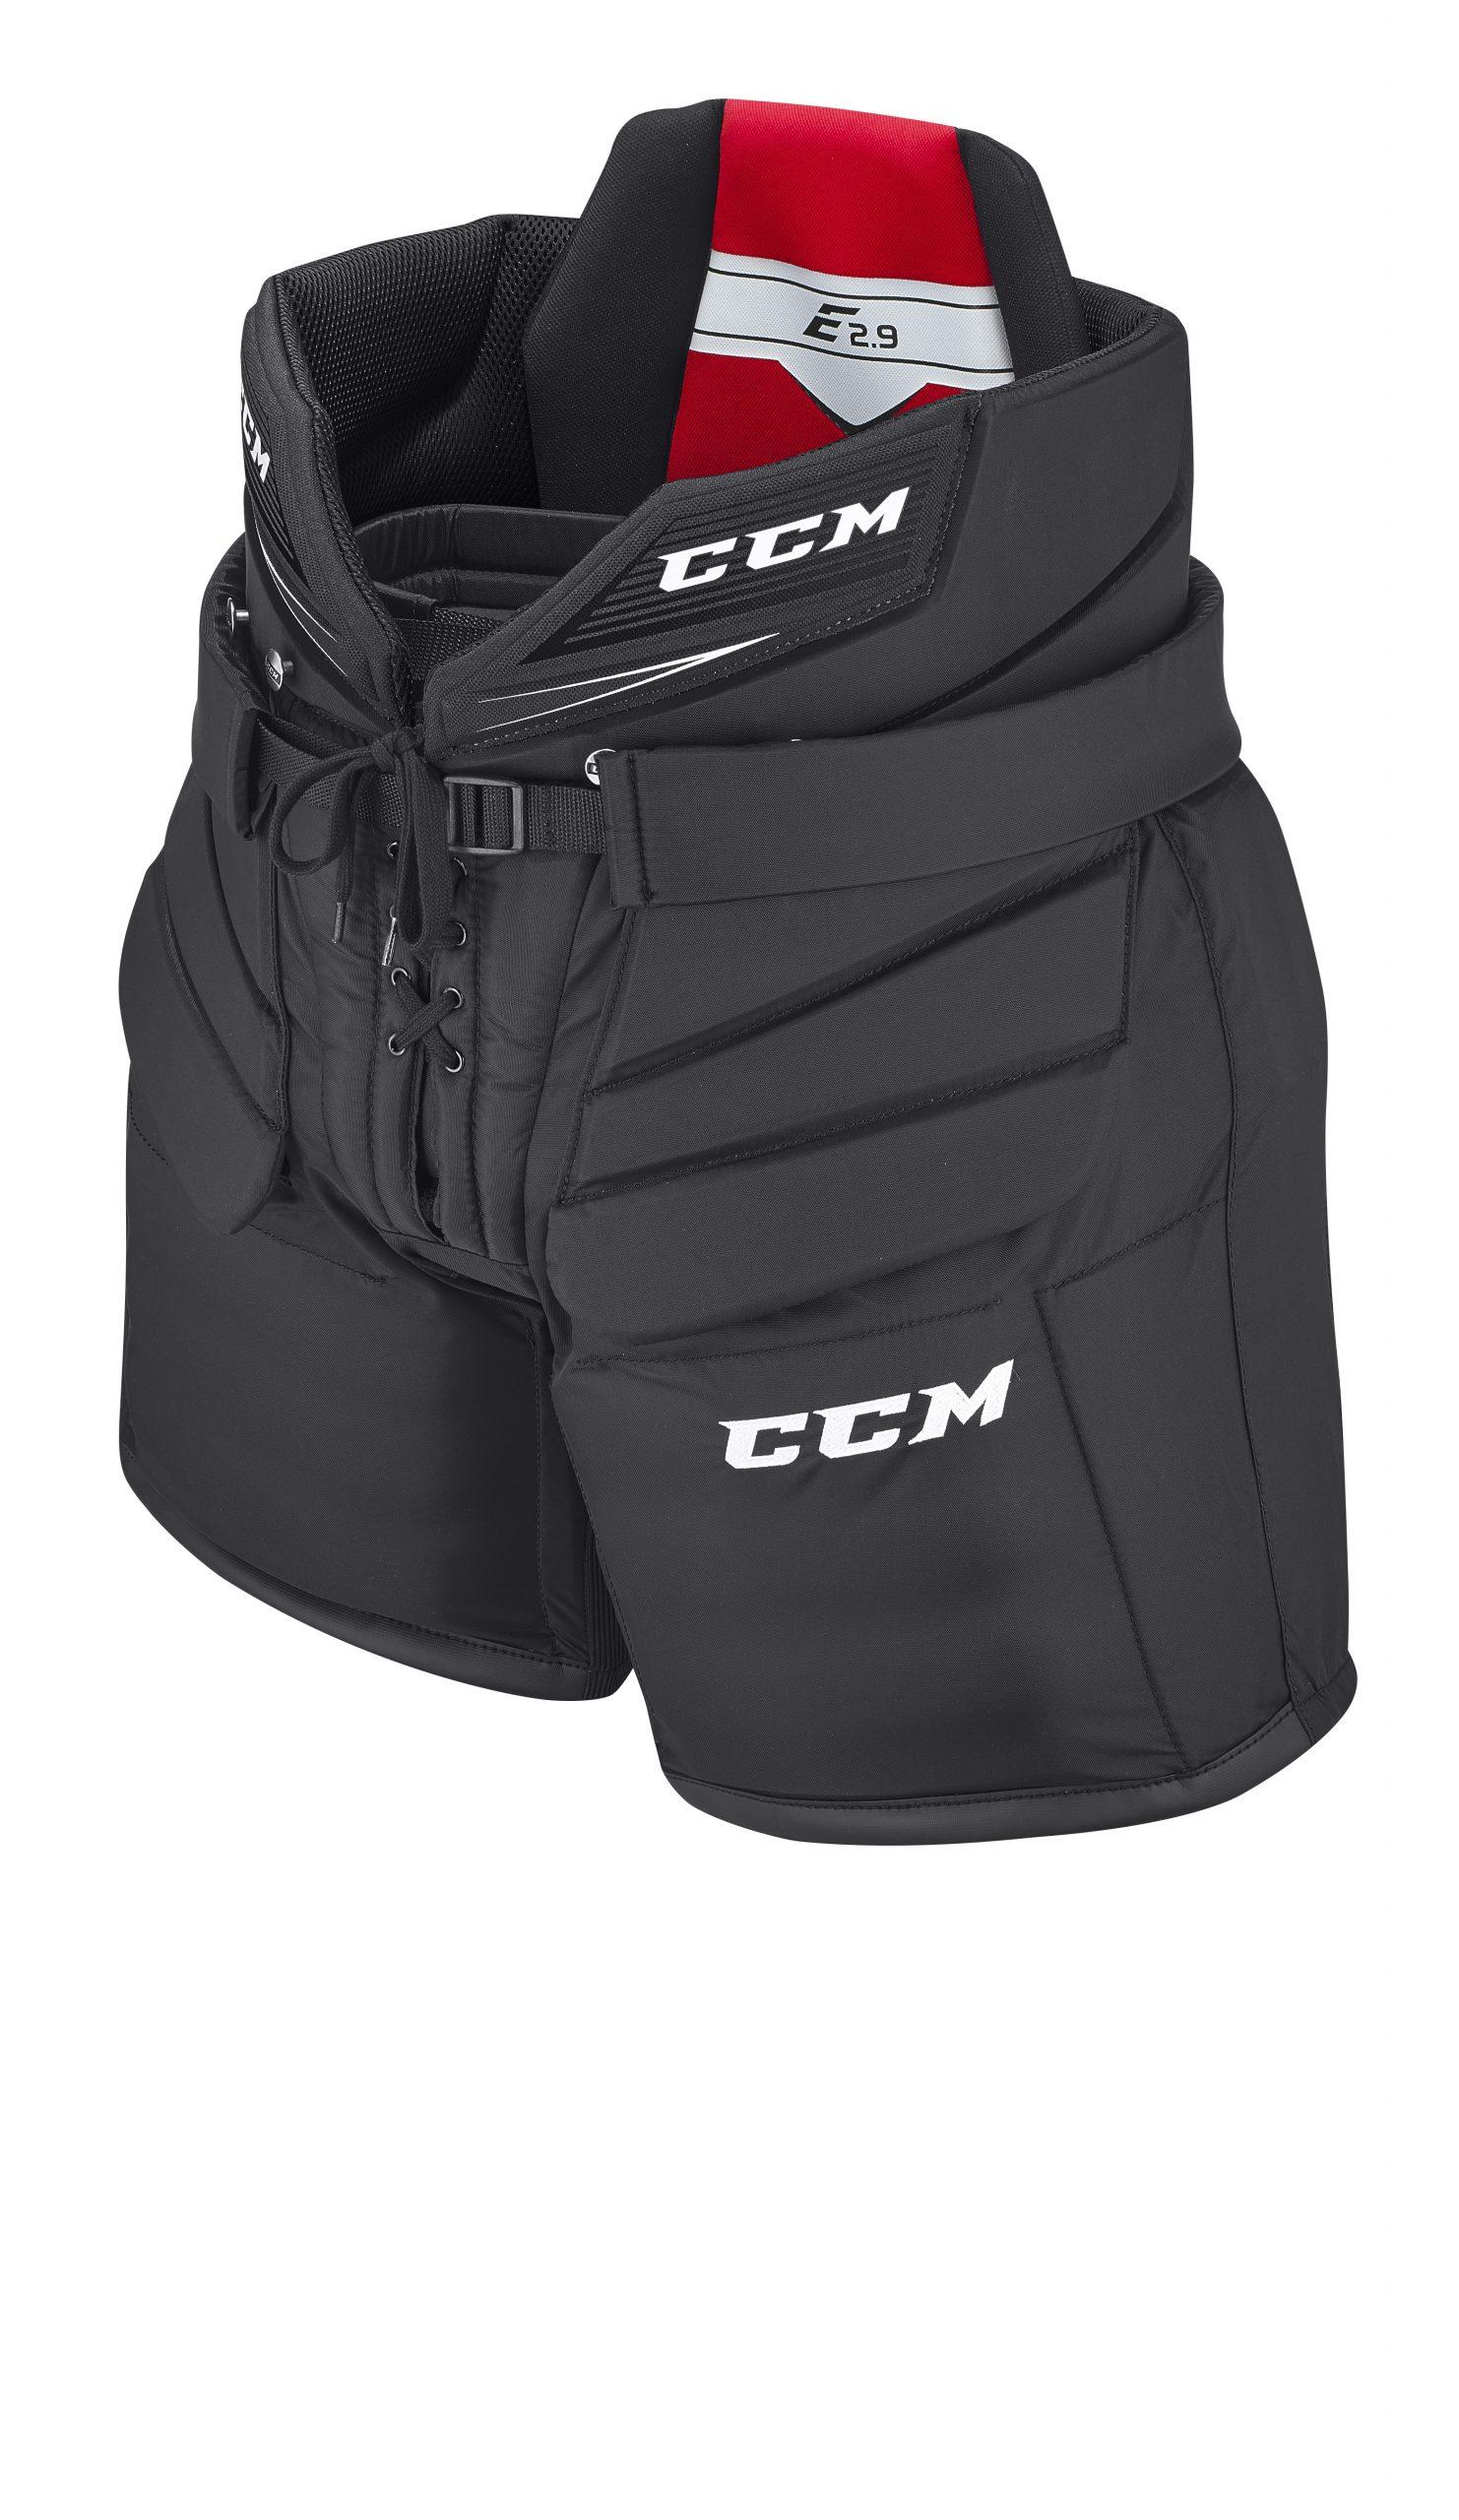 CCM E-FLEX E2.9 MAALIVAHDIN HOUSUT 1